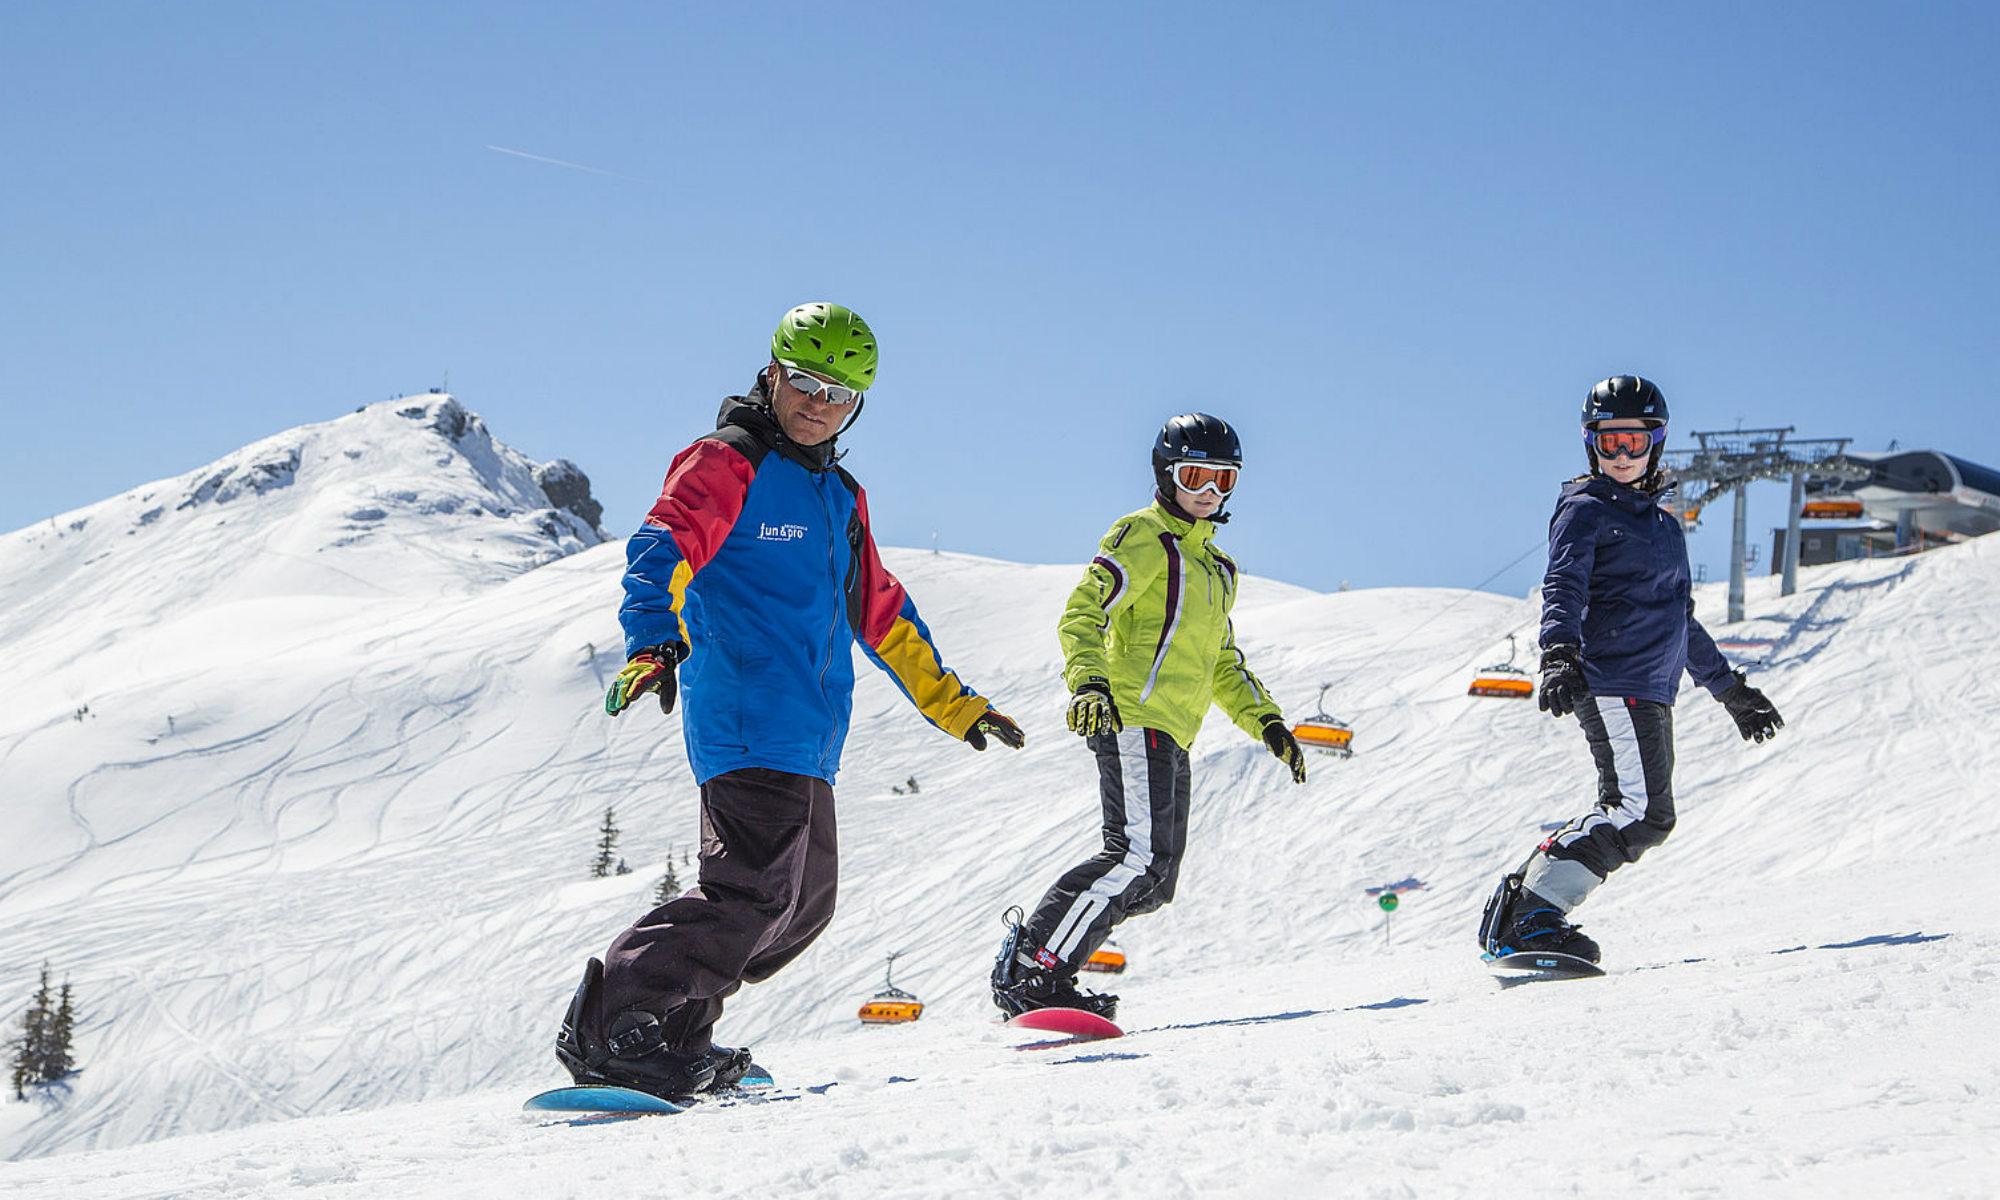 Ein Snowboardlehrer und 2 Jugendliche fahren auf einer sonnigen Piste im Skigebiet Flachau.